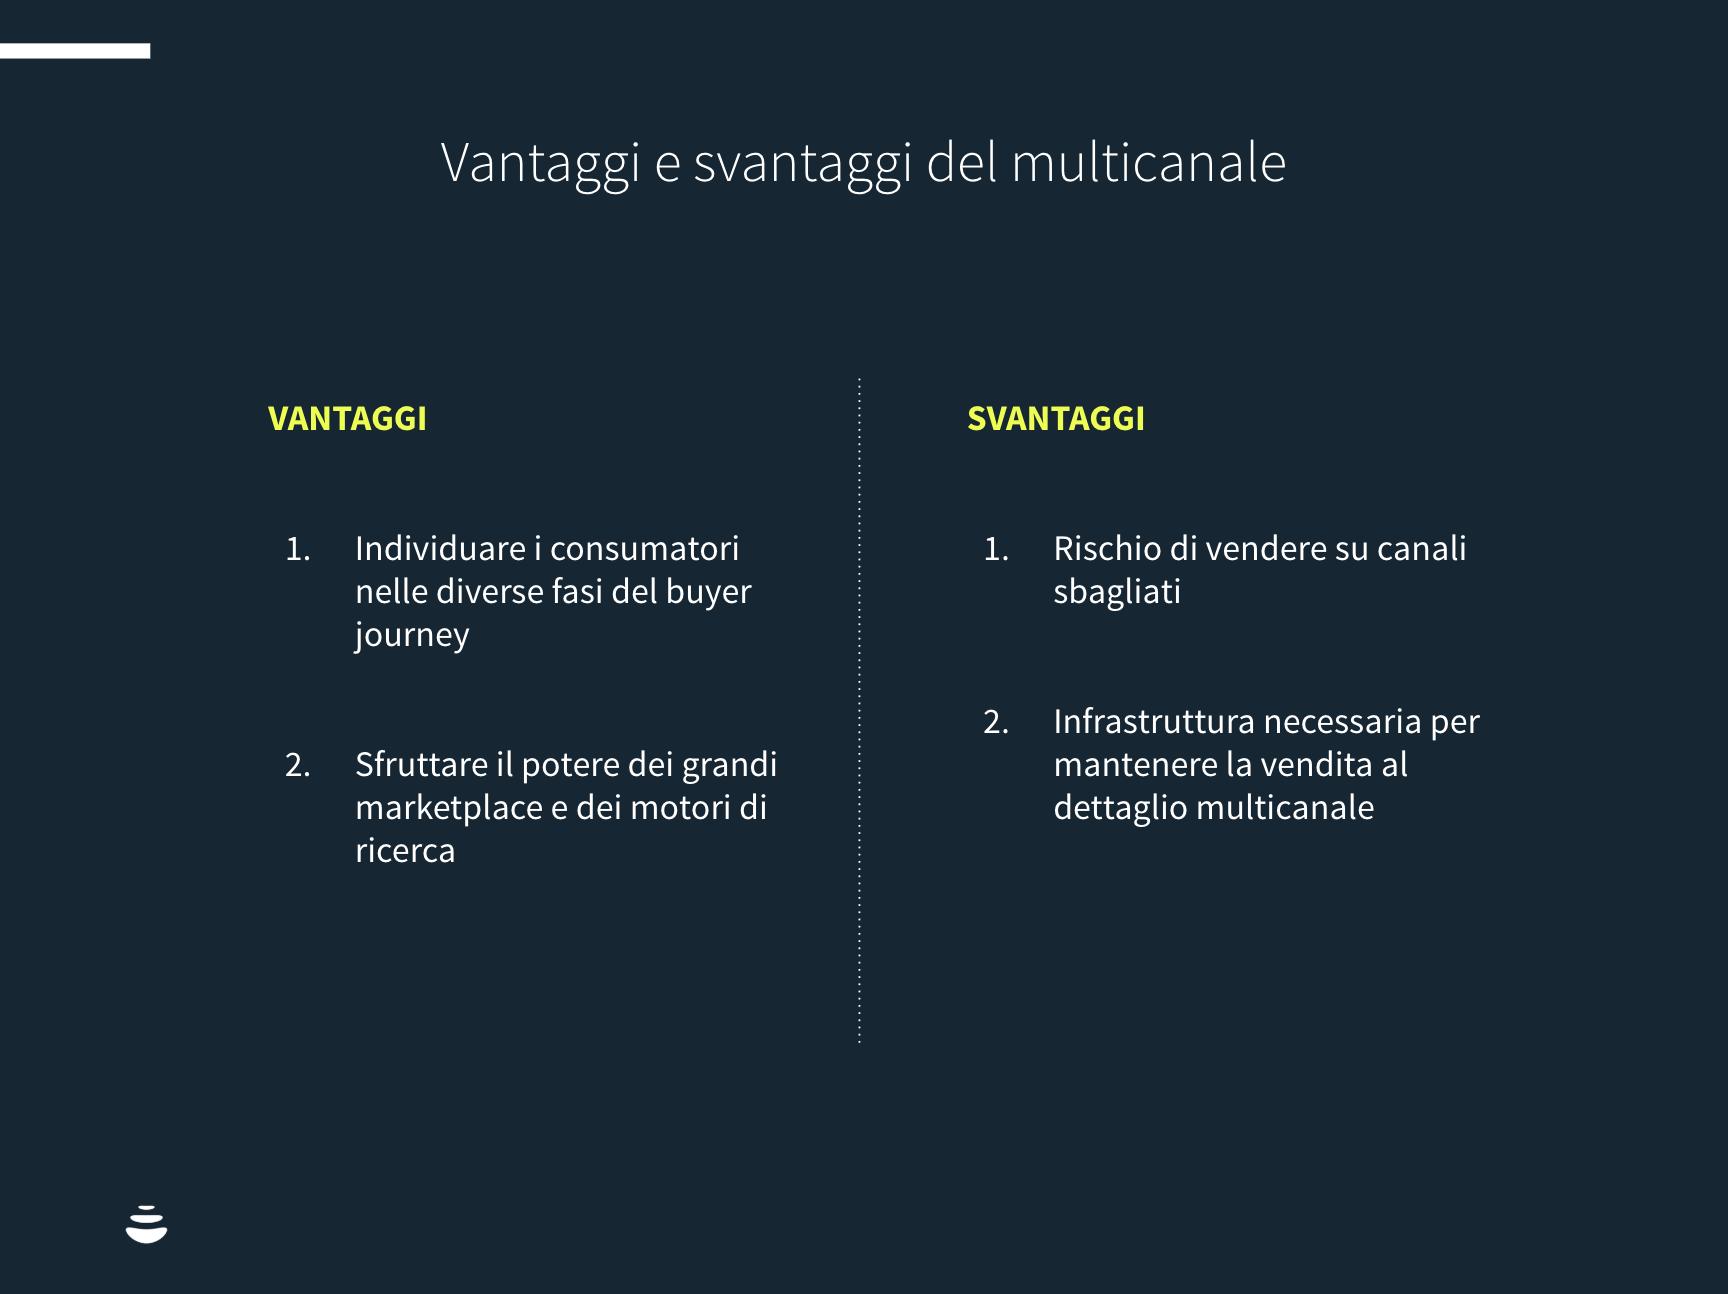 vantaggi e svantaggi multicanale